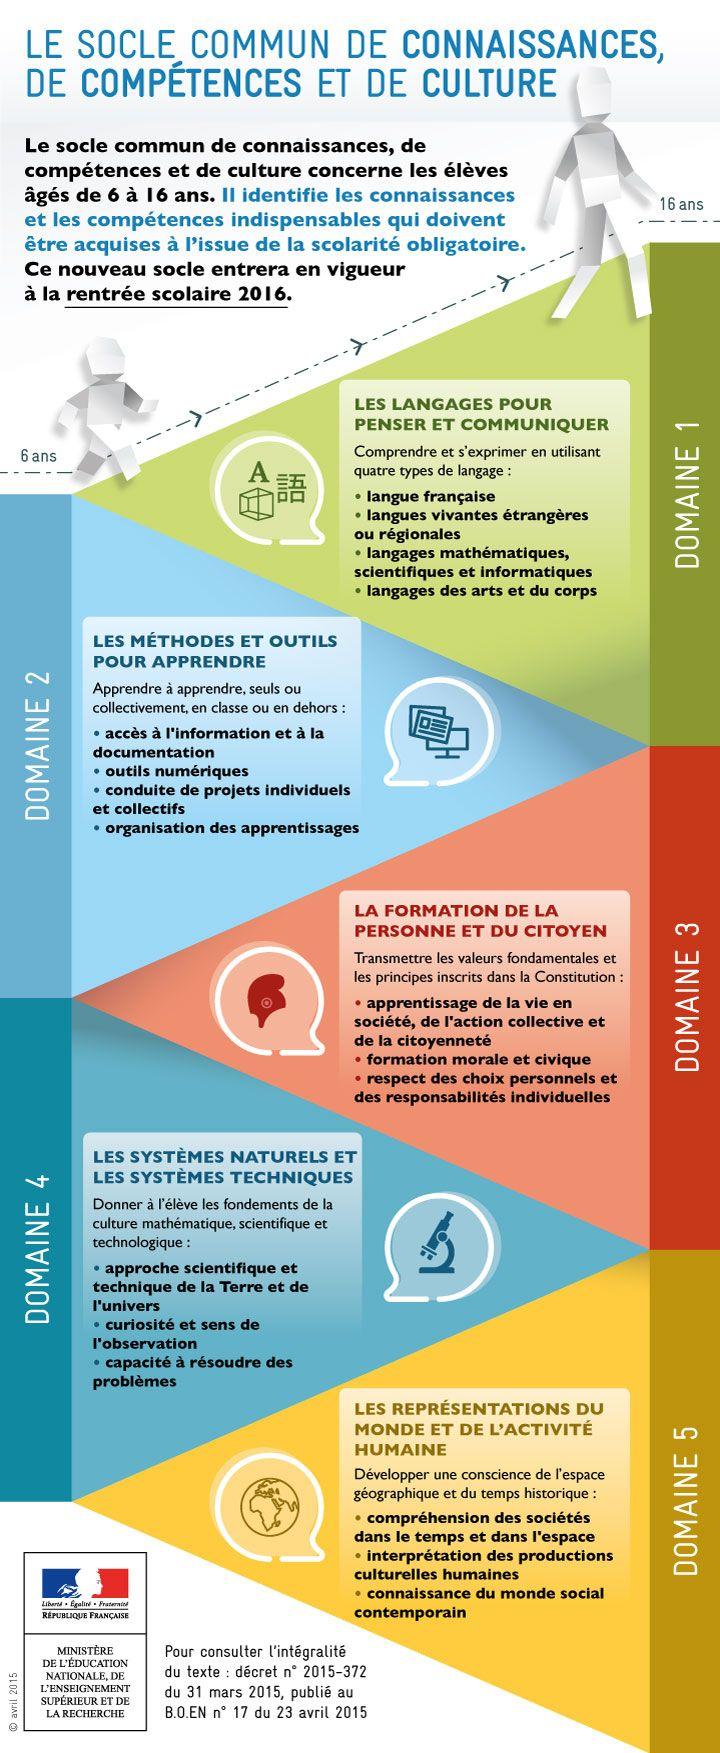 TOUCH cette image: Le socle commun à la rentrée 2016 by Éducation nationale